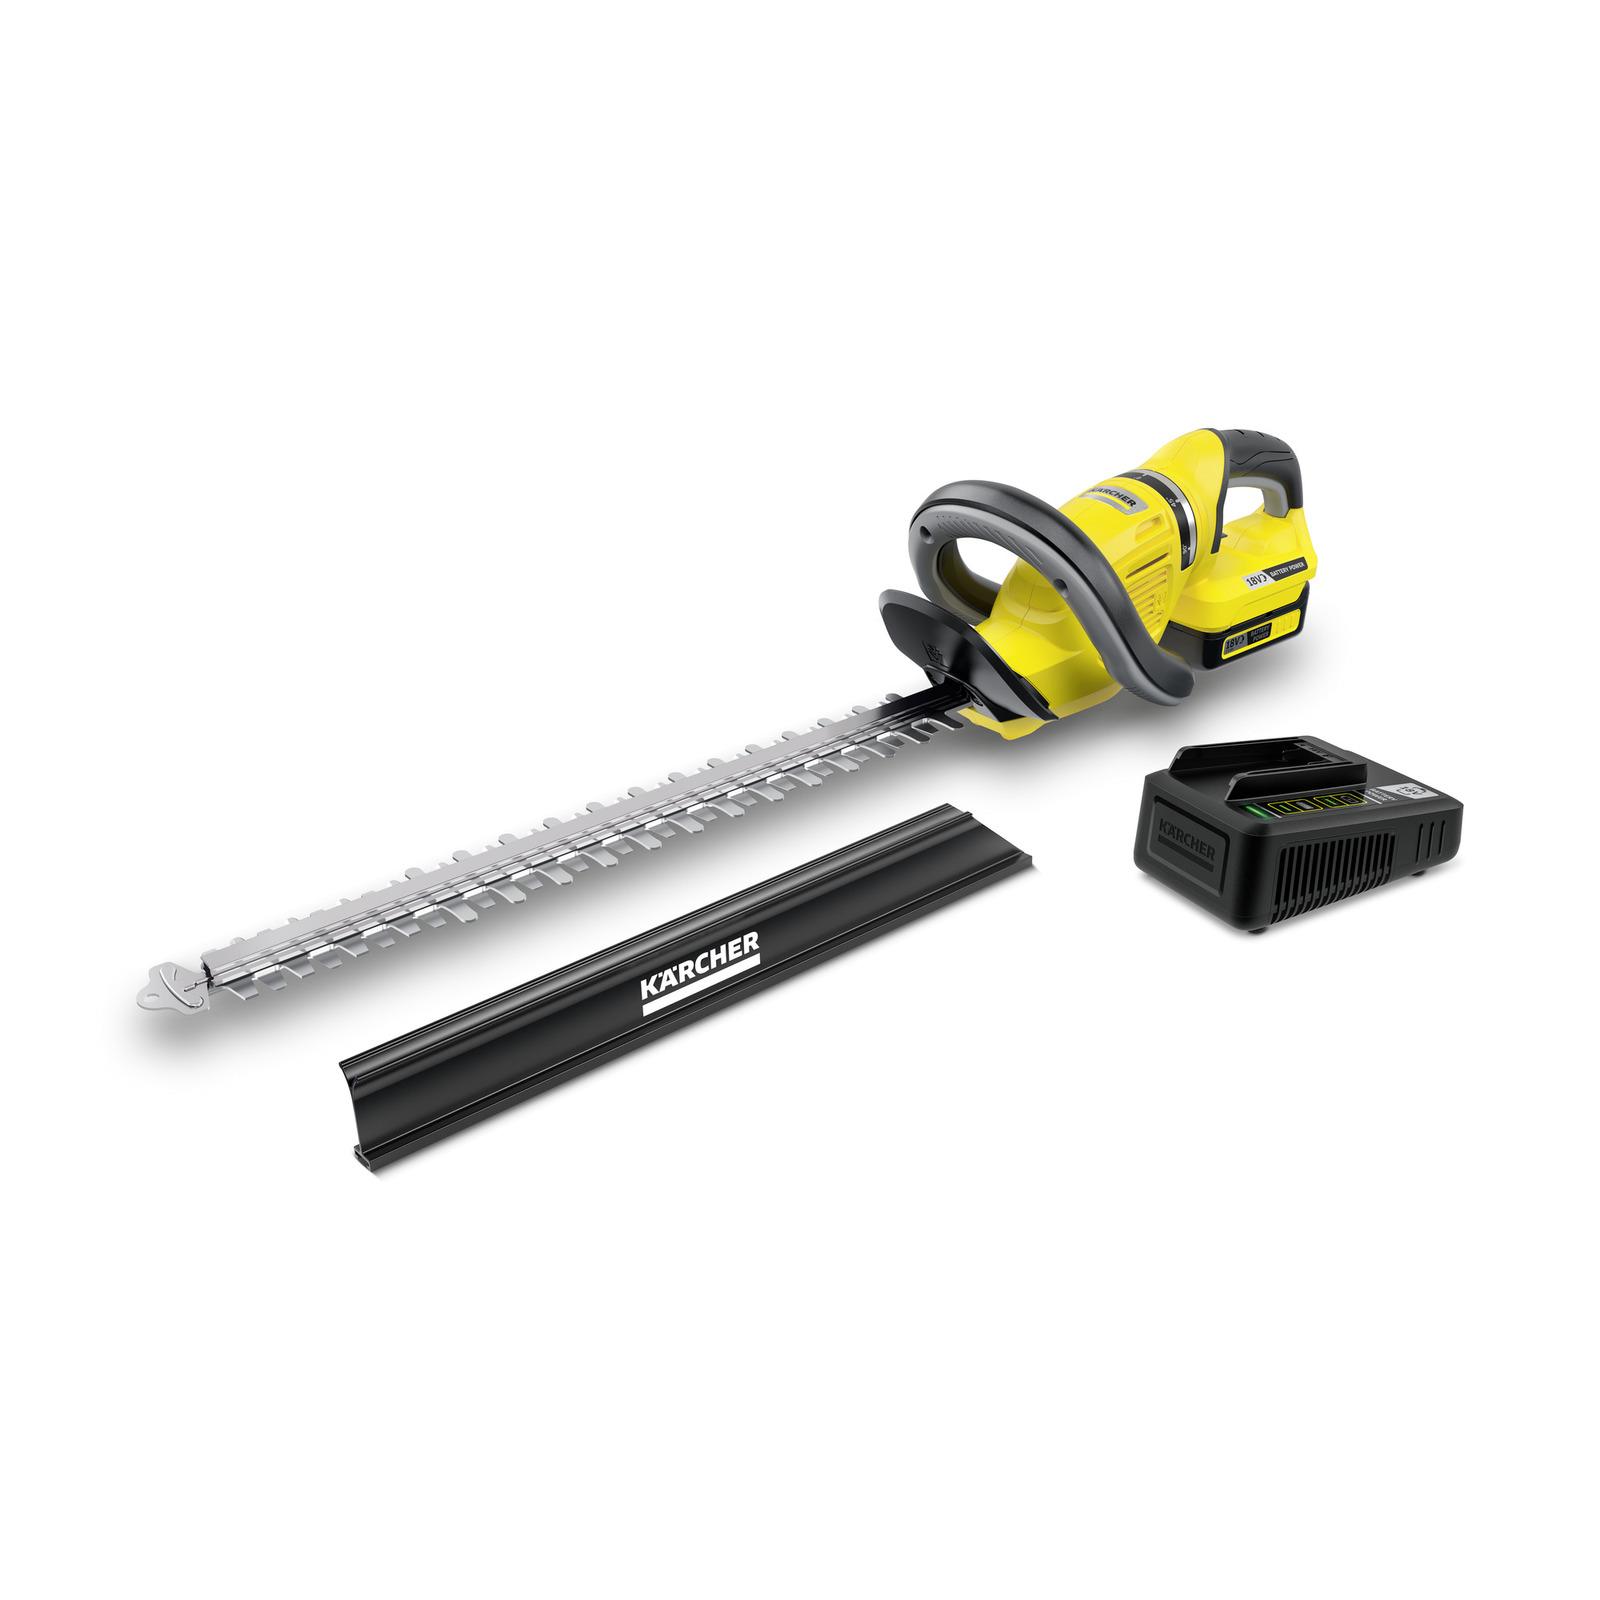 Akumulatorowe nożyce do żywopłotu HGE 18-50 firmy Karcher